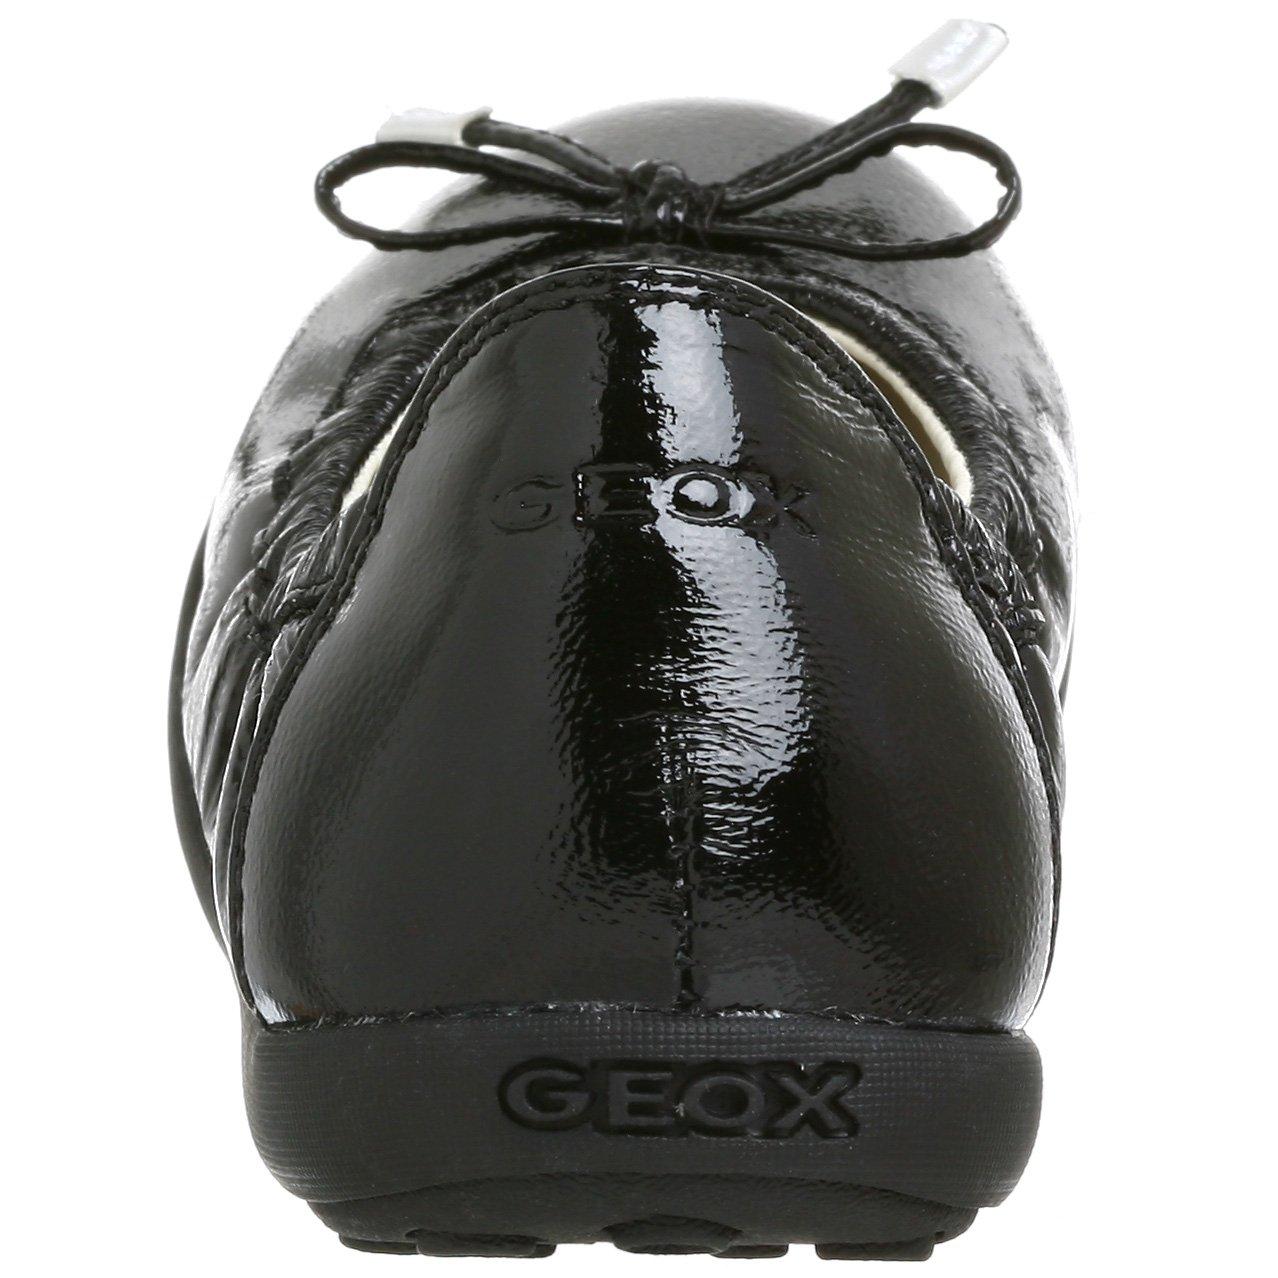 Geox Little Kid//Big Kid Jodie Ballet Flat